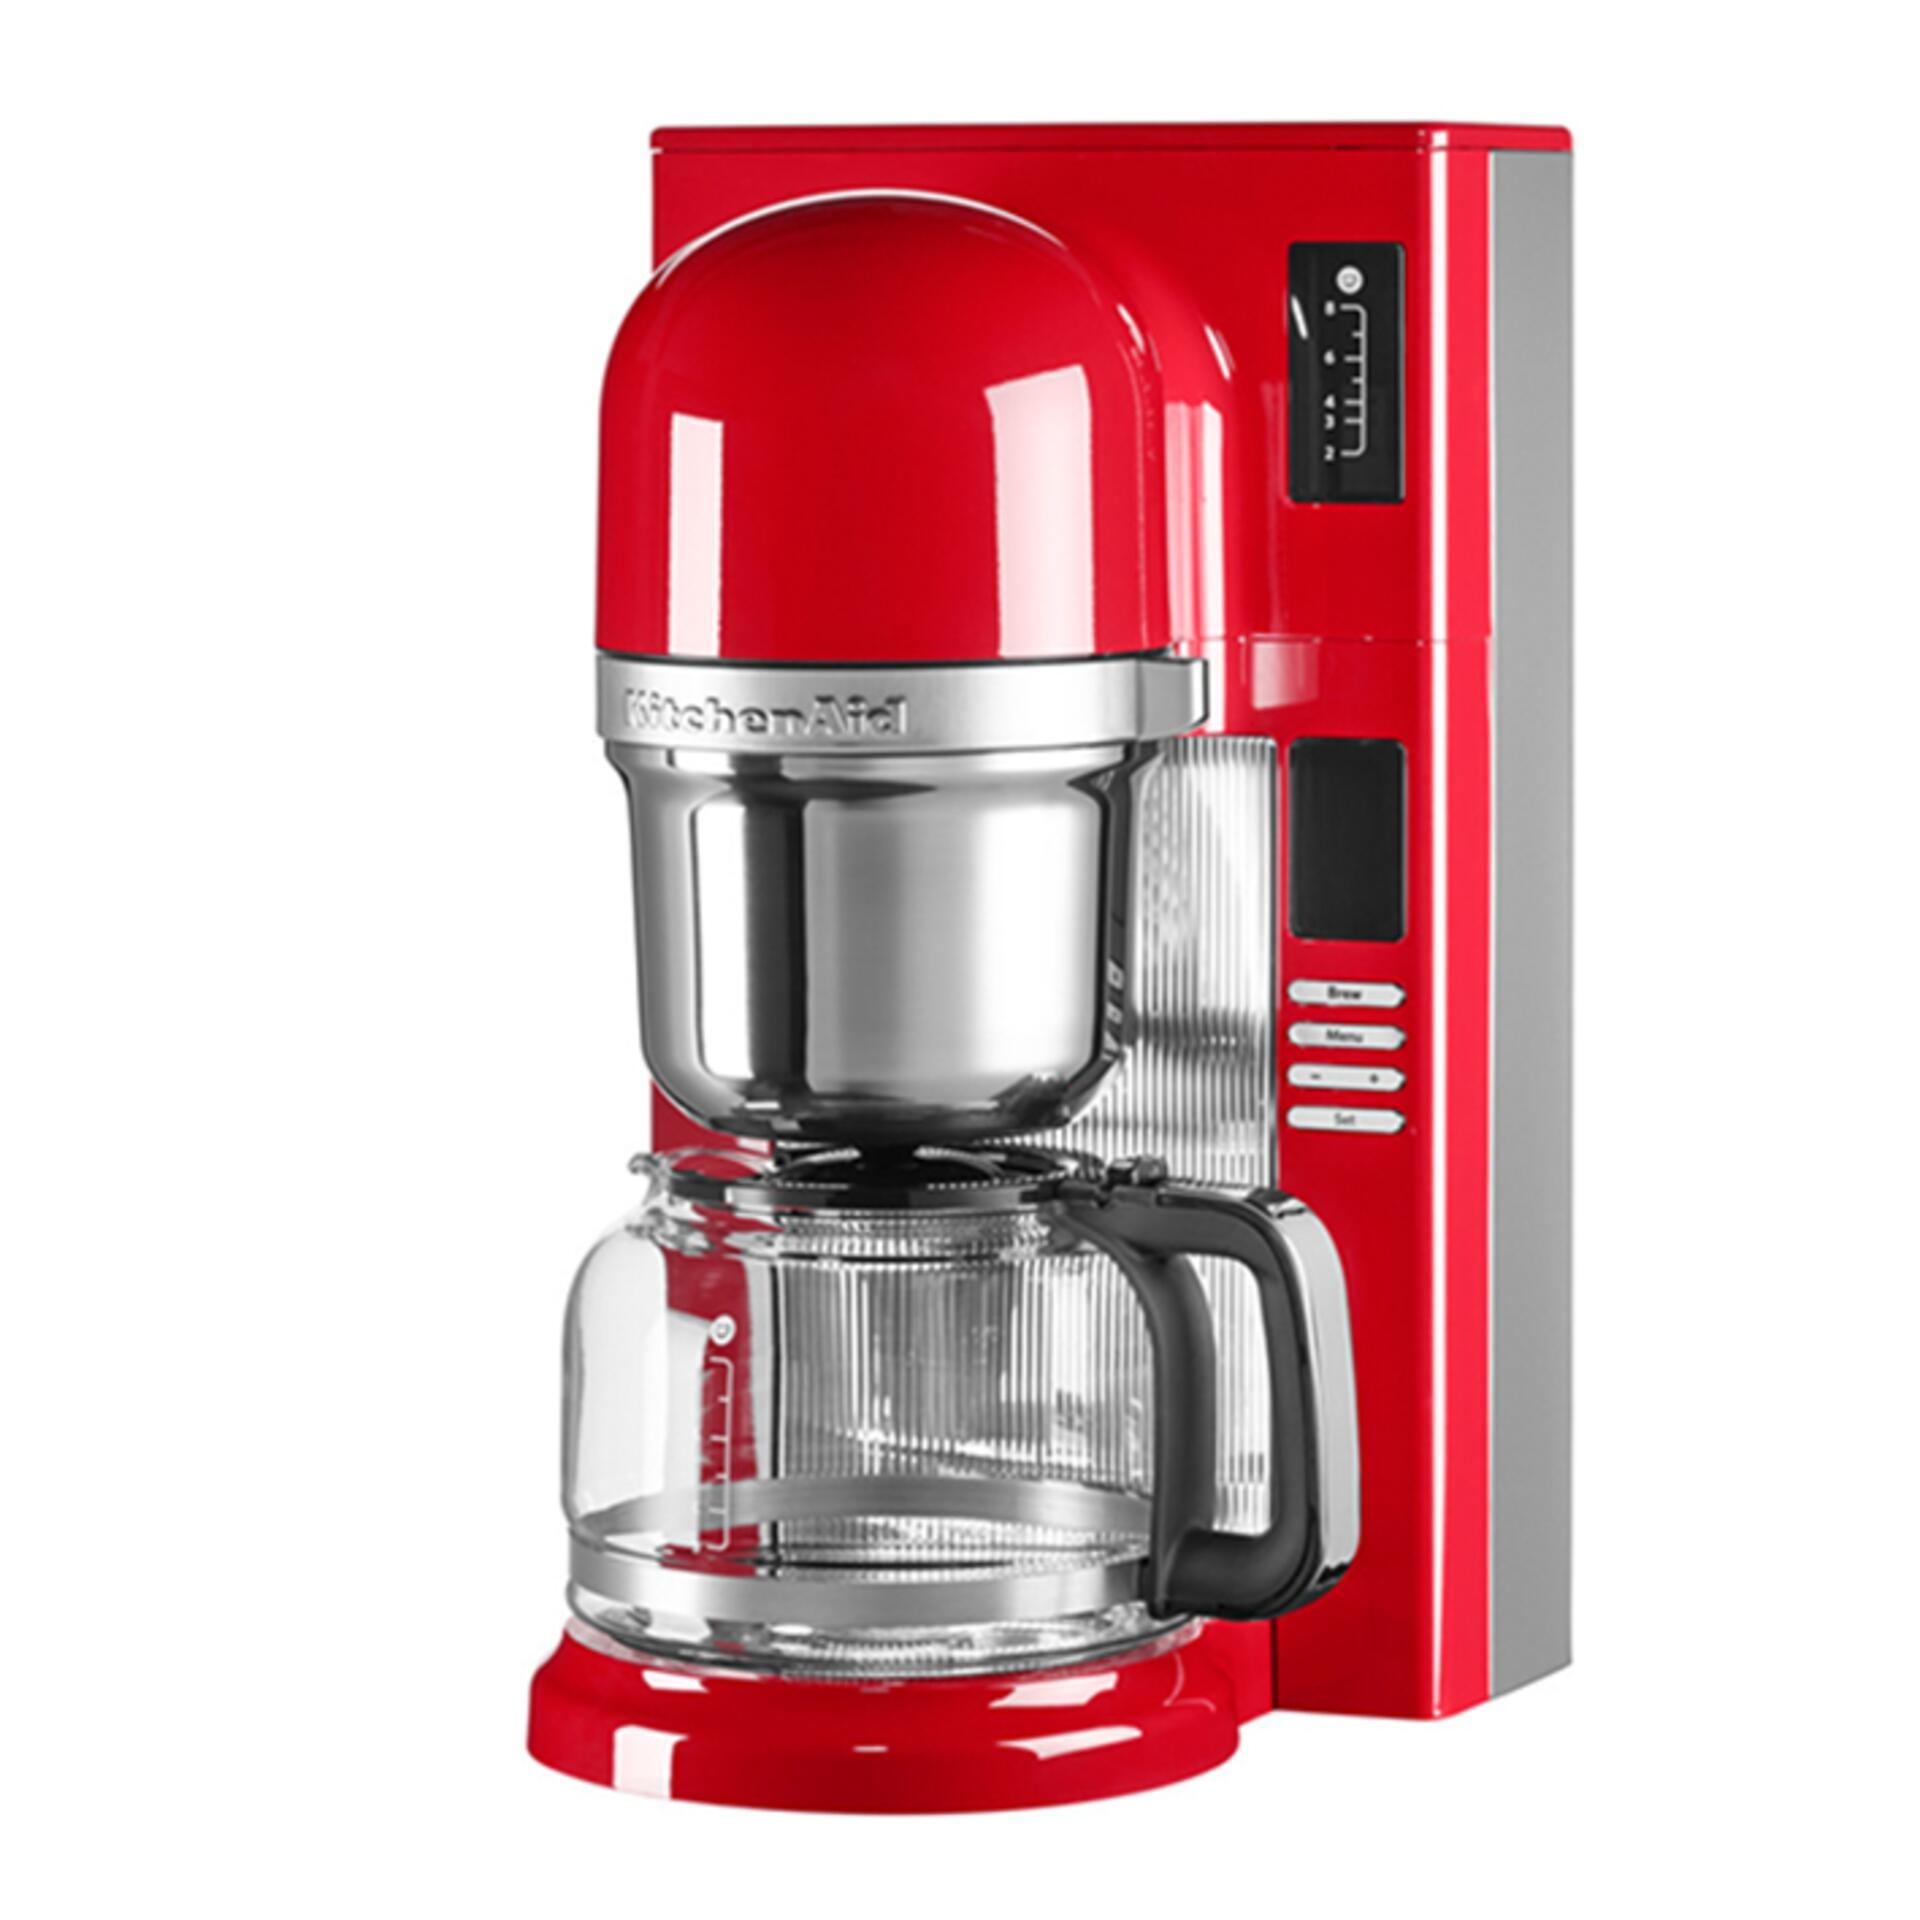 KitchenAid Kaffeemaschine Rot 5KCM0802EER